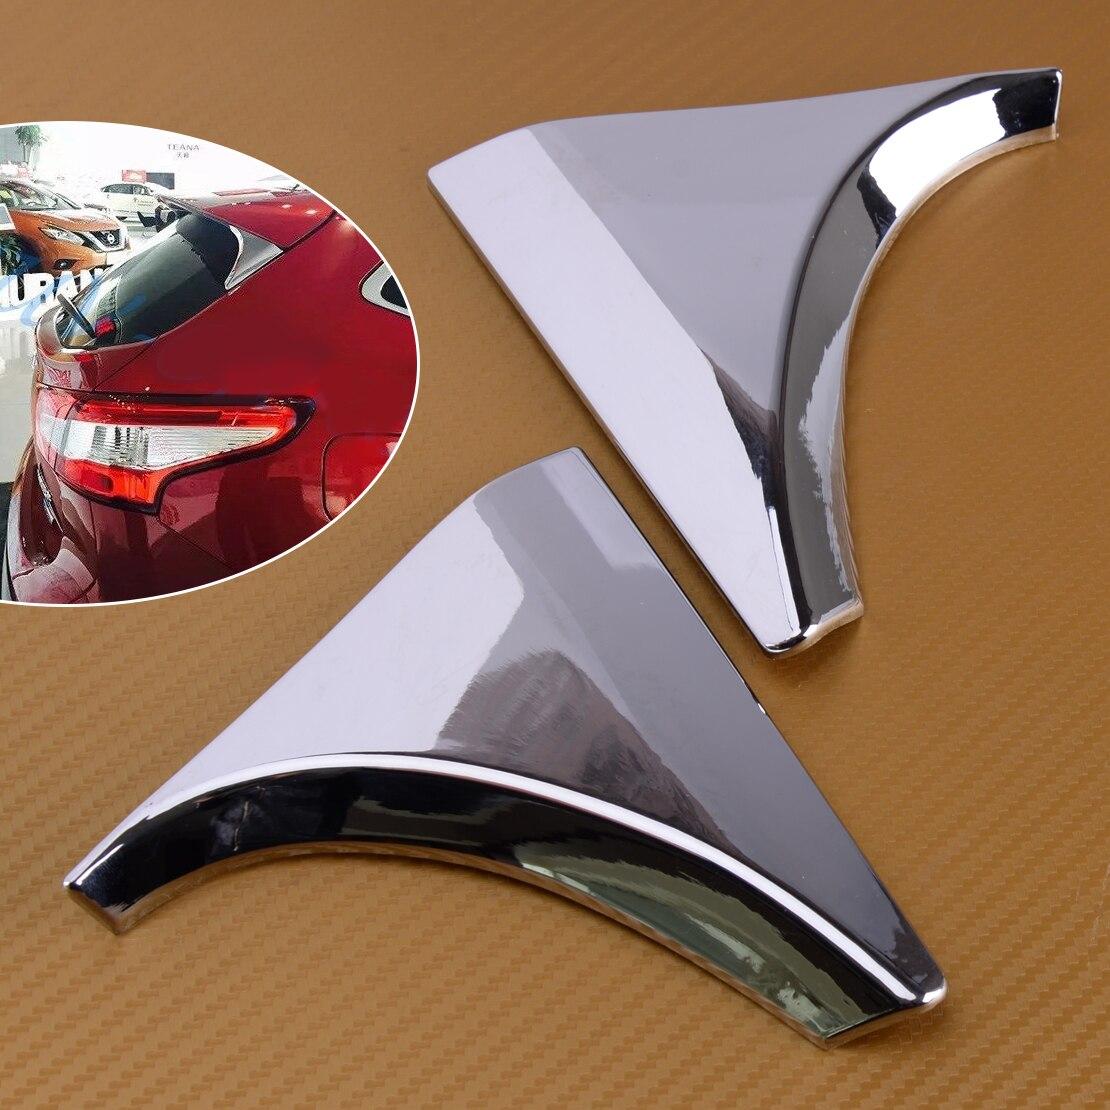 DWCX voiture ABS Chrome 2 pièces fenêtre arrière hayon aileron garnitures couverture pour Nissan Qashqai J11 2014 2015 2016 2017 2018